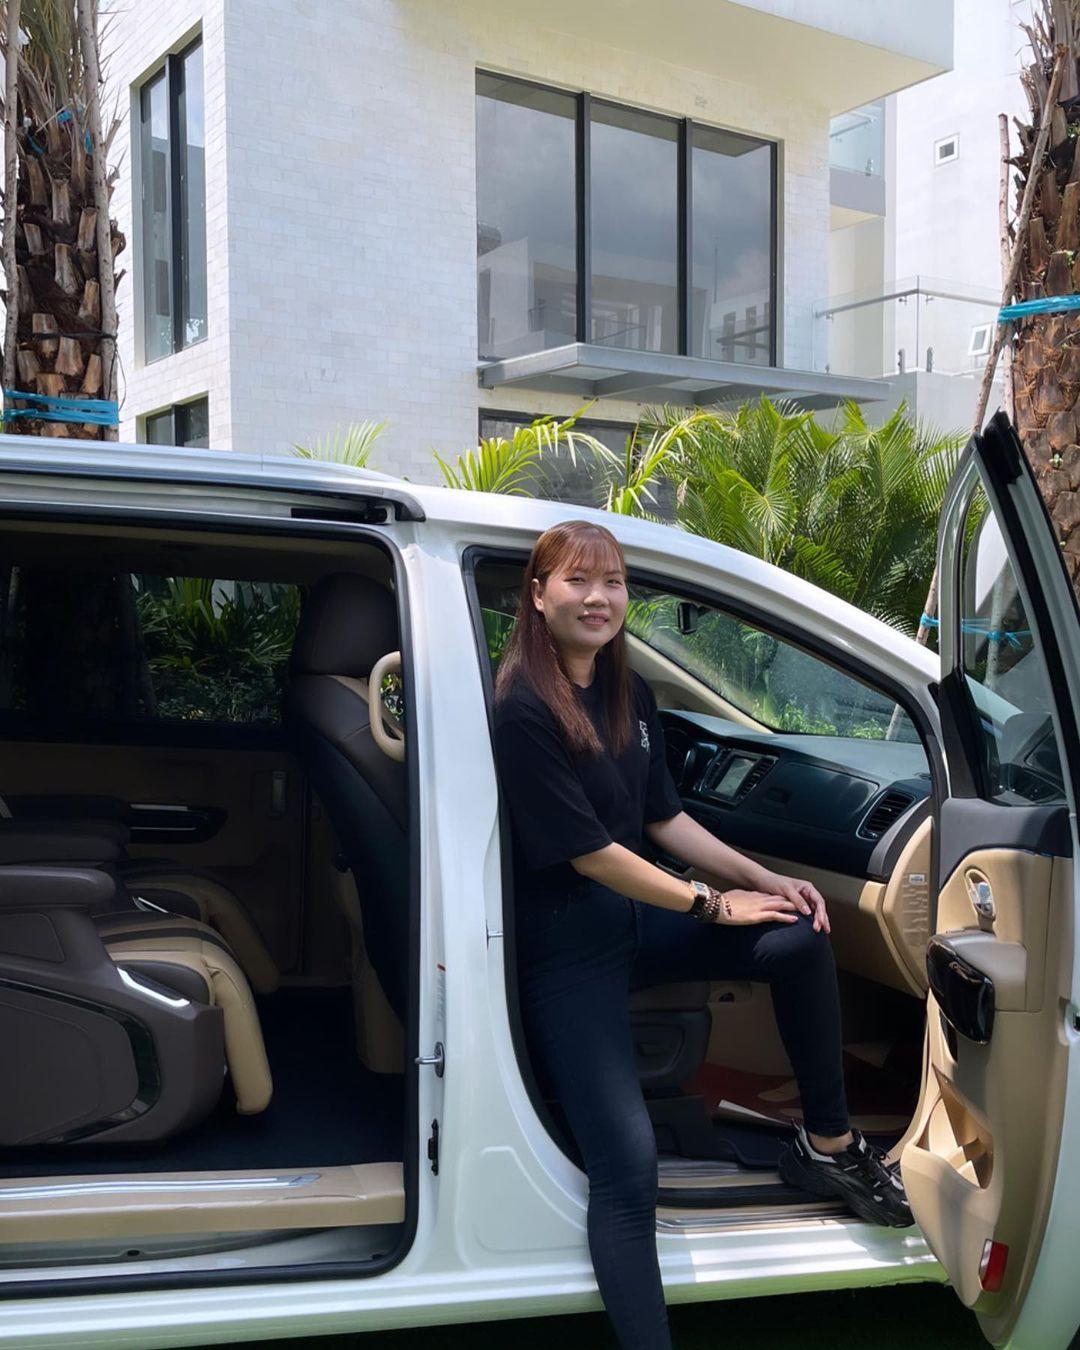 Showbiz Việt có ai chơi lớn như Ngọc Trinh: Tặng trợ lý xe hơi tiền tỷ, nhìn Thúy Kiều khoe ảnh mà ghen tị-5